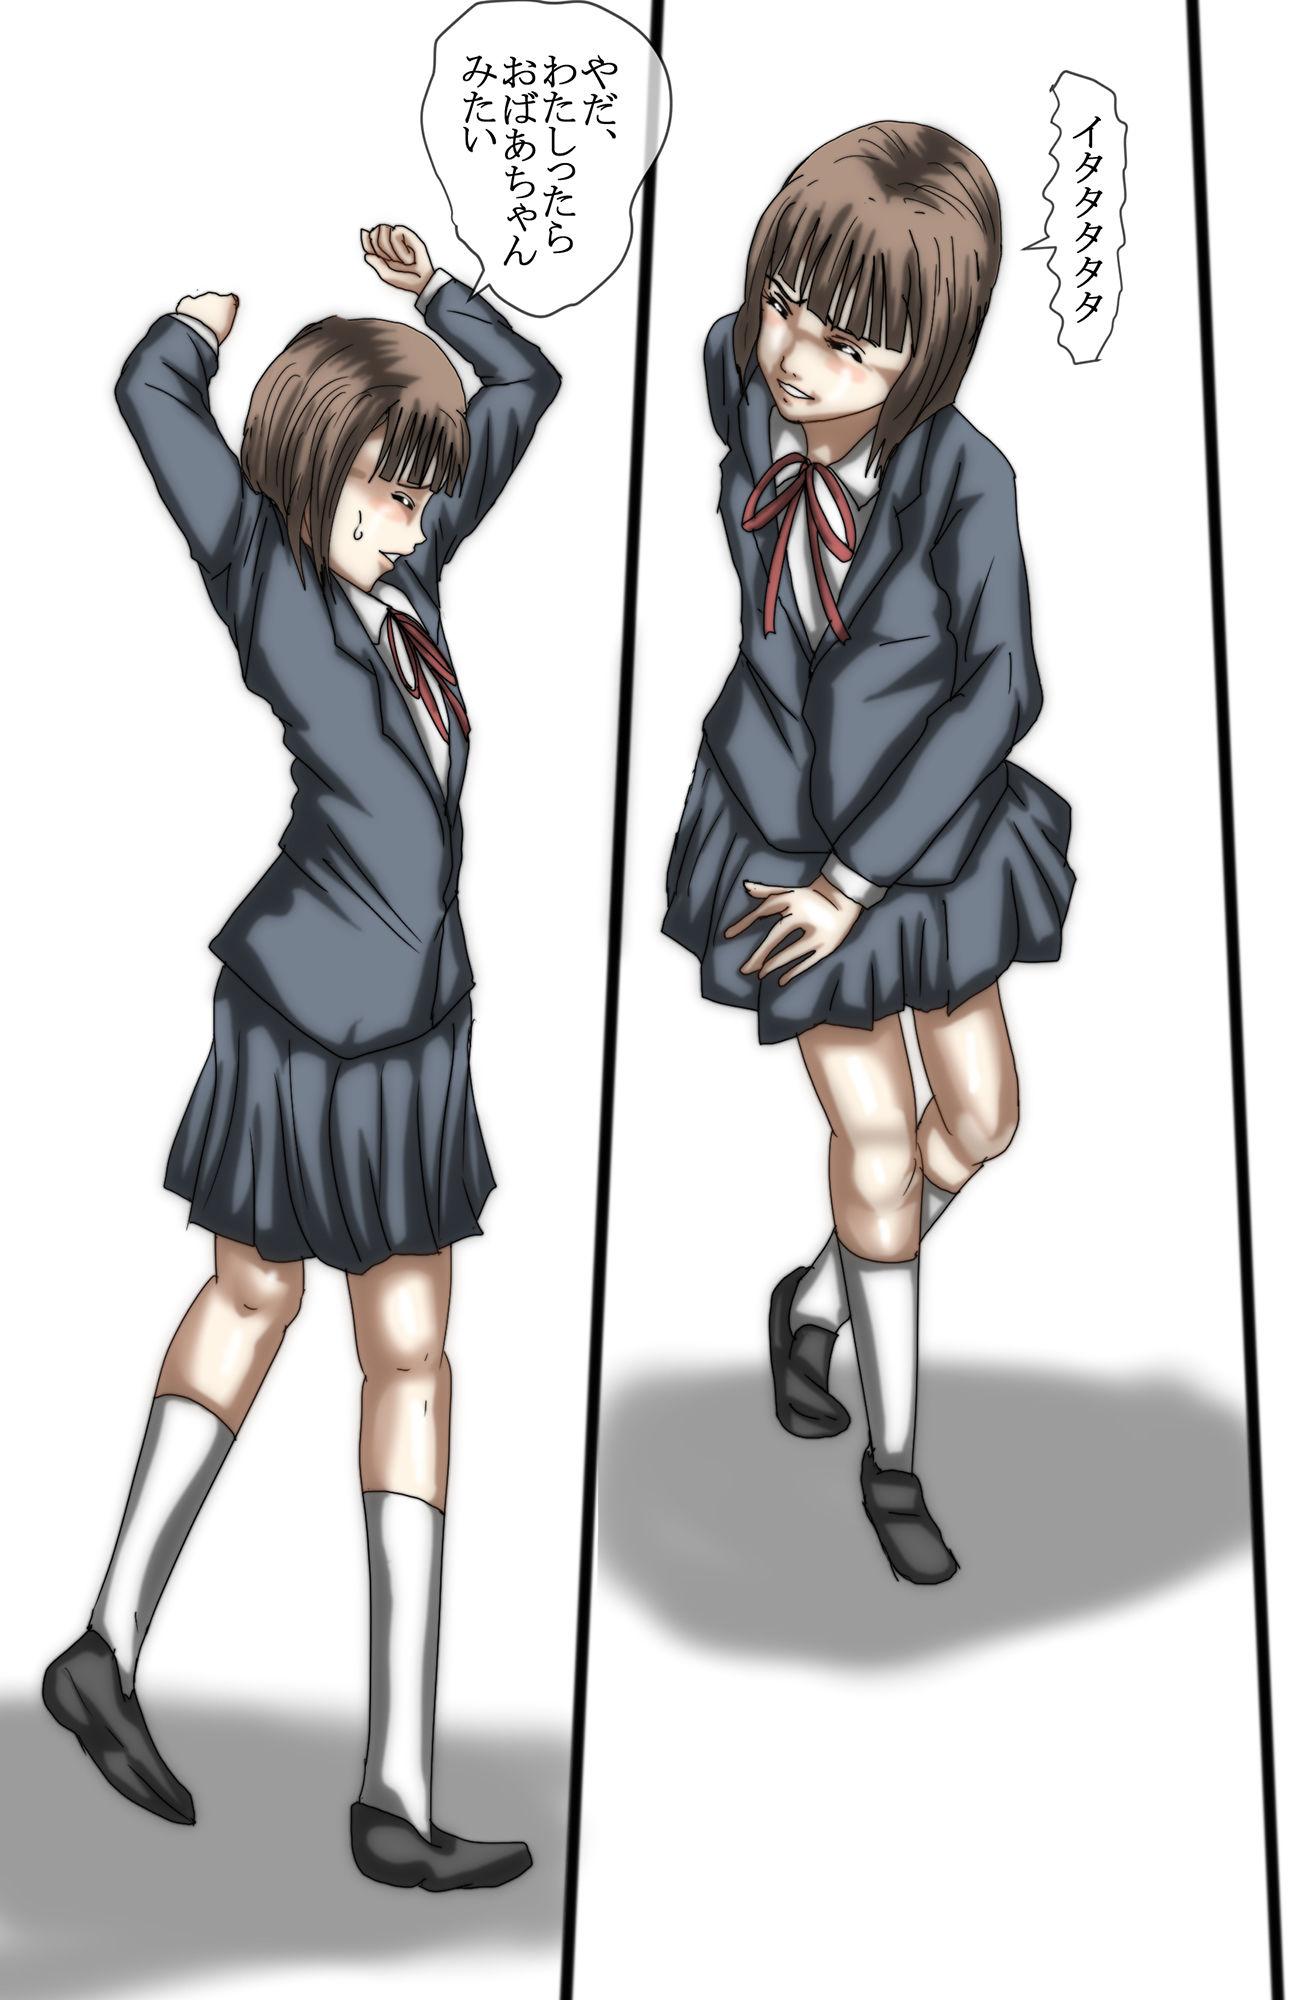 マジメな女子〇生は不真面目な大人にレ●プされます フルカラー画像no.2